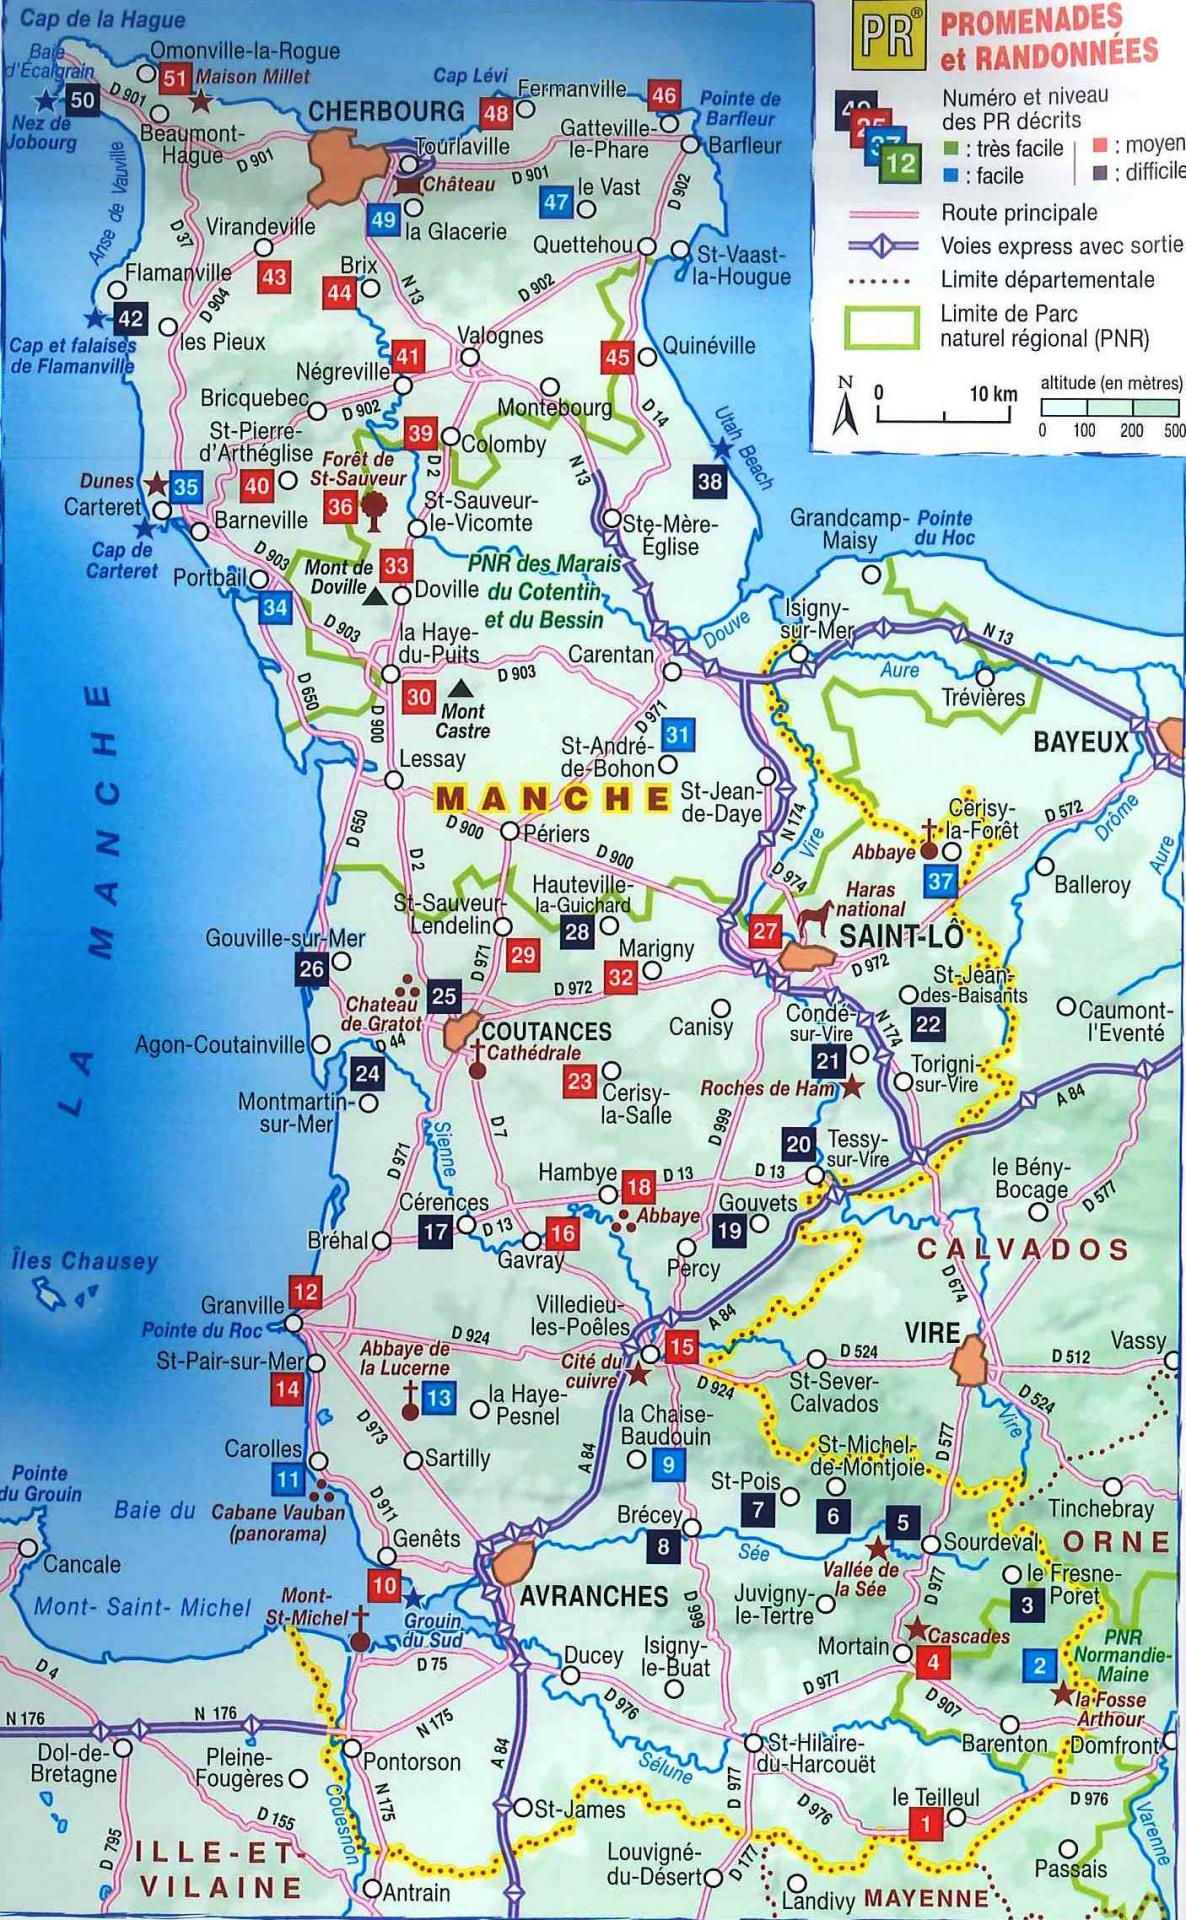 Carte sites touristiques manche